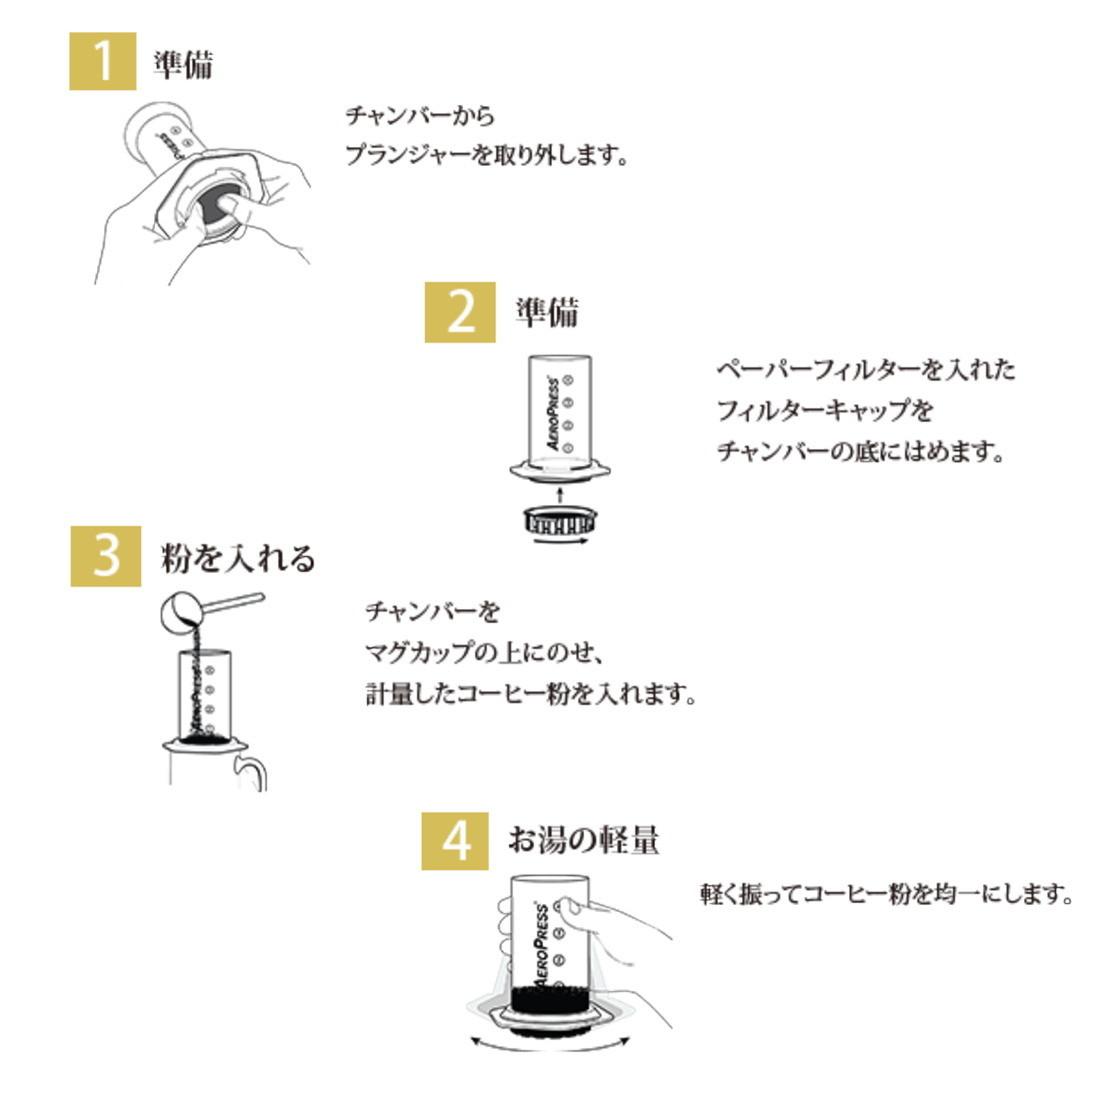 エアロプレス AeroPress Coffee Maker コーヒーメーカー コーヒーミル用 手挽き 珈琲豆用  国内正規品 89209205